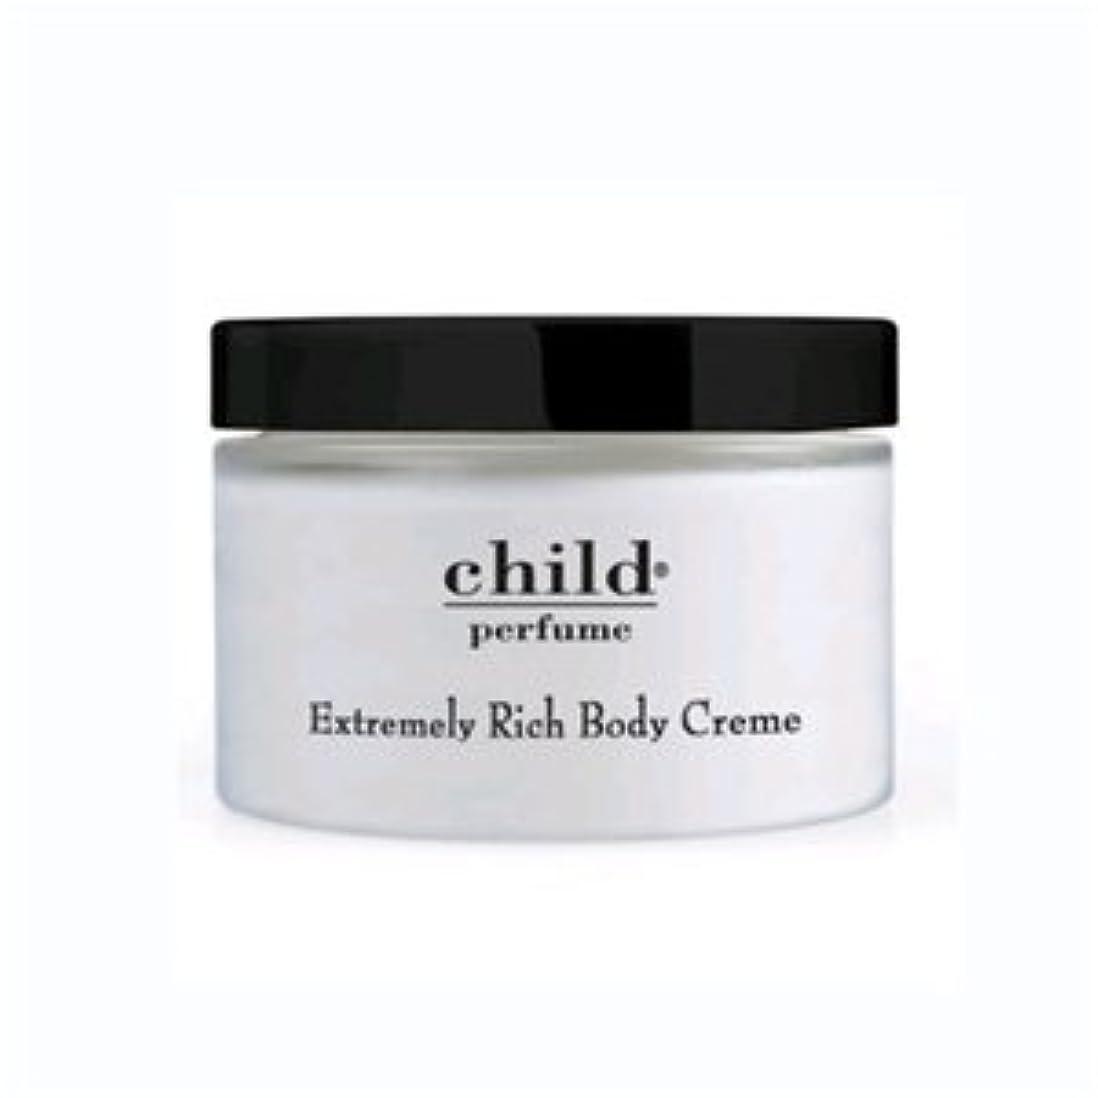 和らげる気候の山不合格Child Extremely Rich Body Creme (チャイルド エクストリームリーリッチ ボディークリーム) 8.0 oz (240ml) by Child for Women